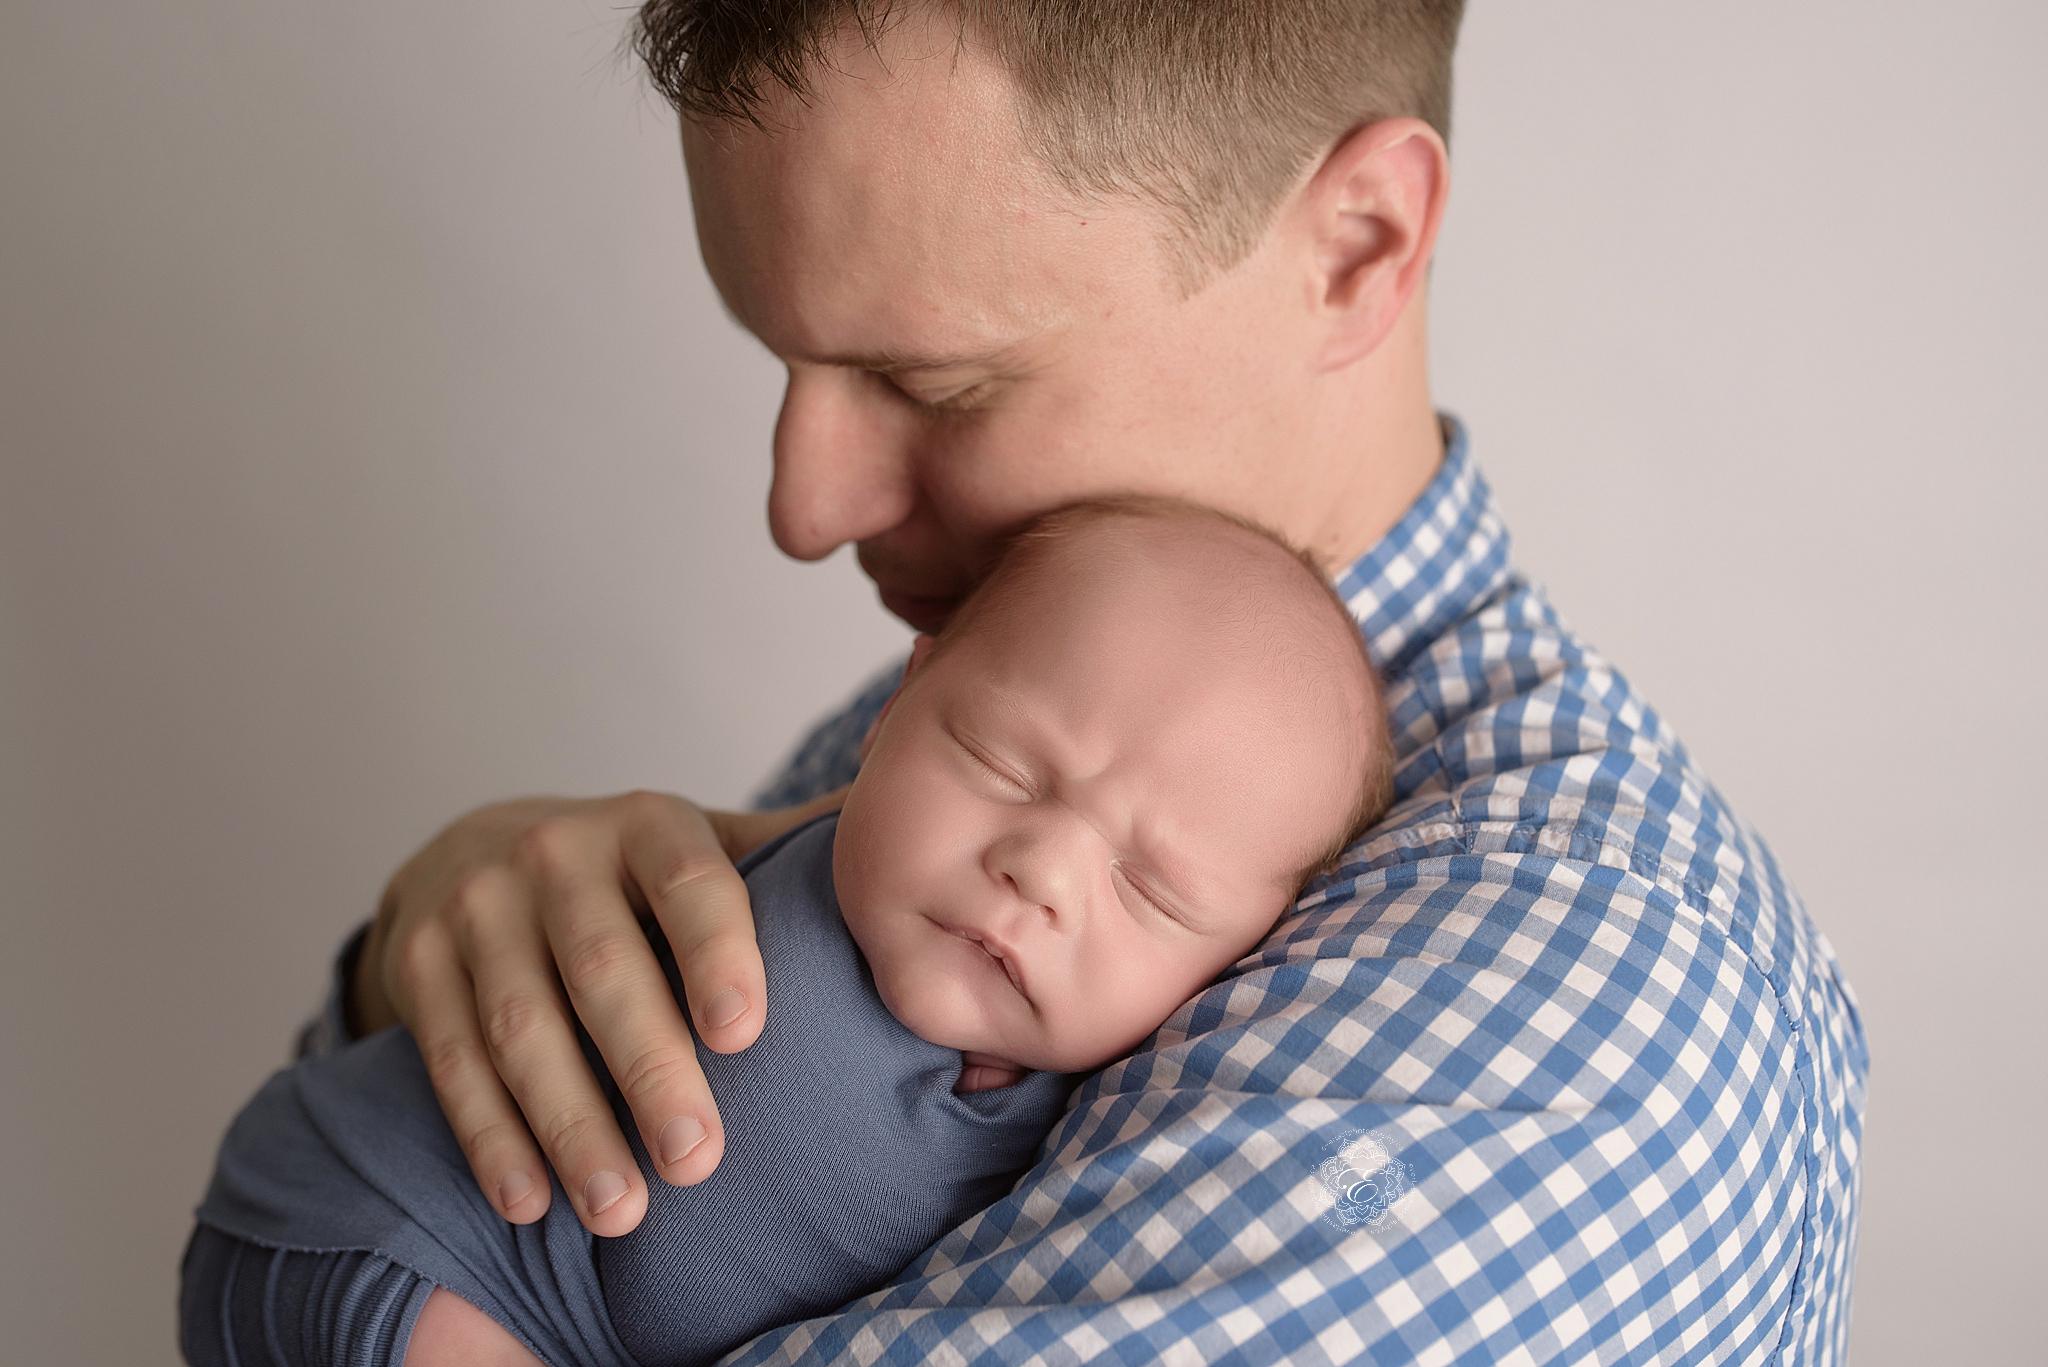 edmonton-baby-newborn-photographer.jpg